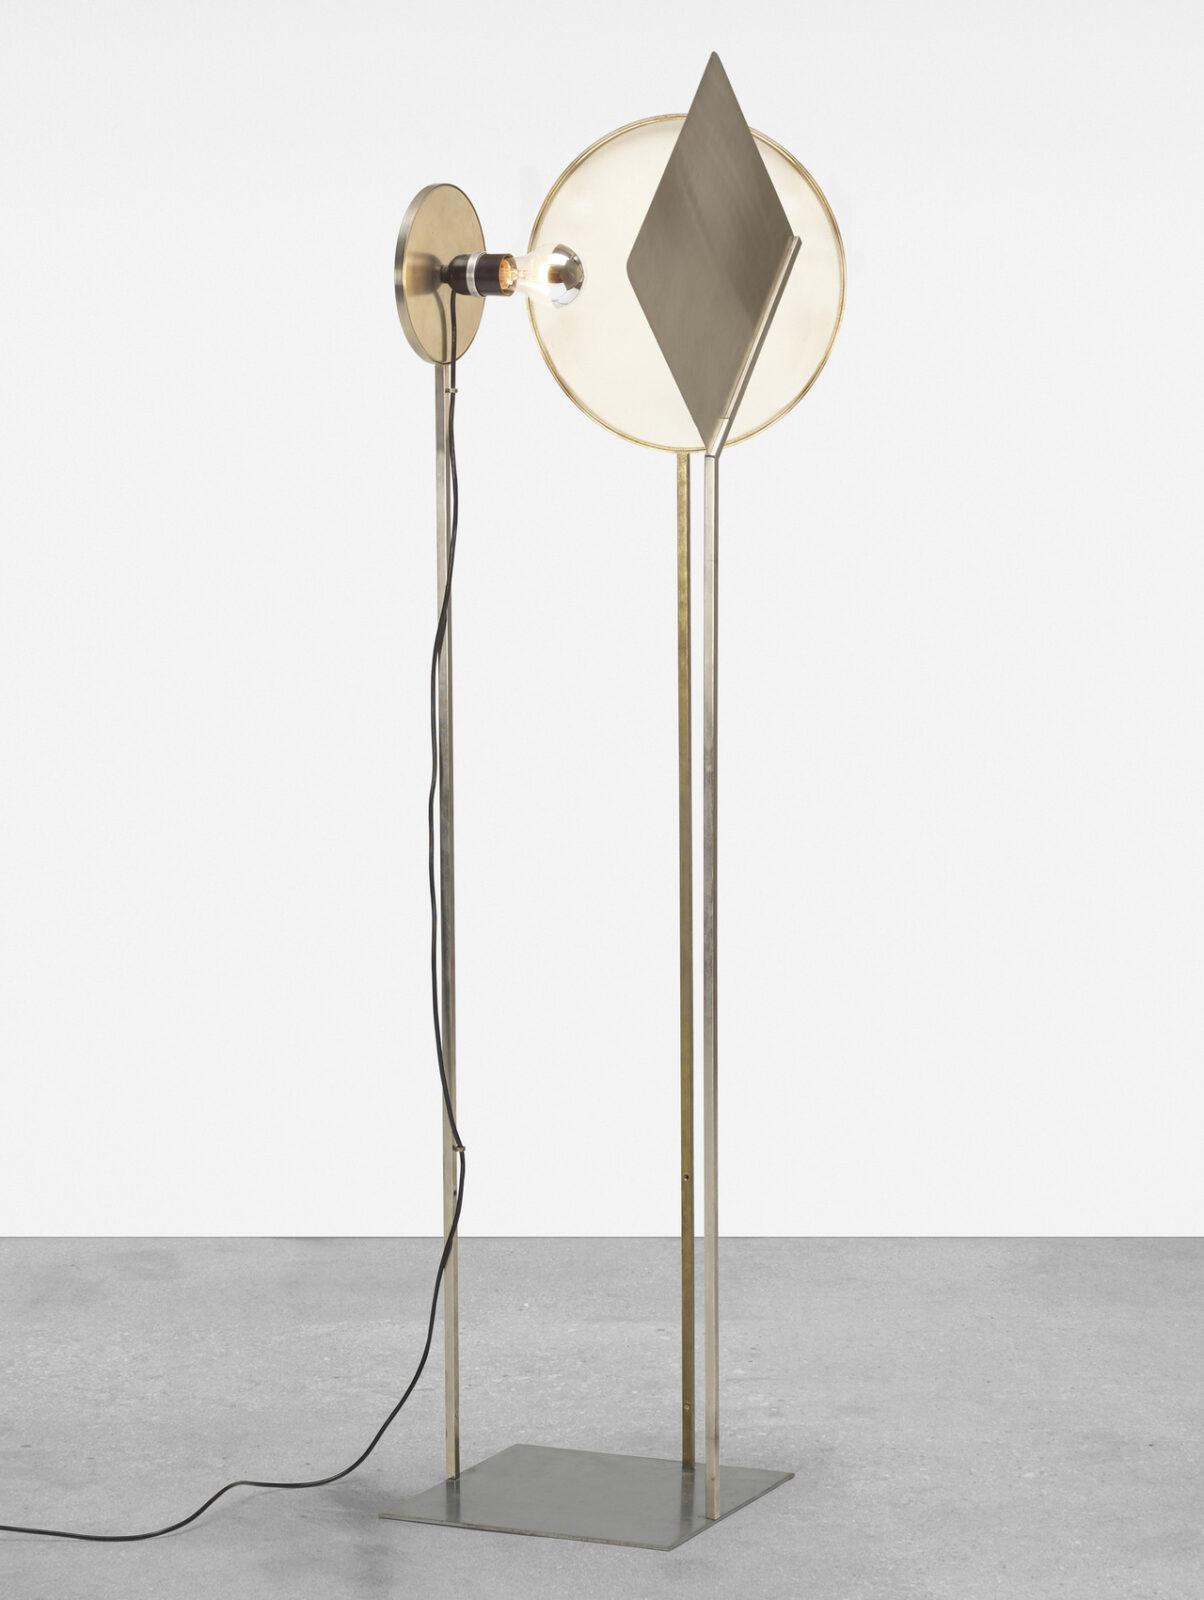 La lampada Shin, progettata da Vittorio Gregotti